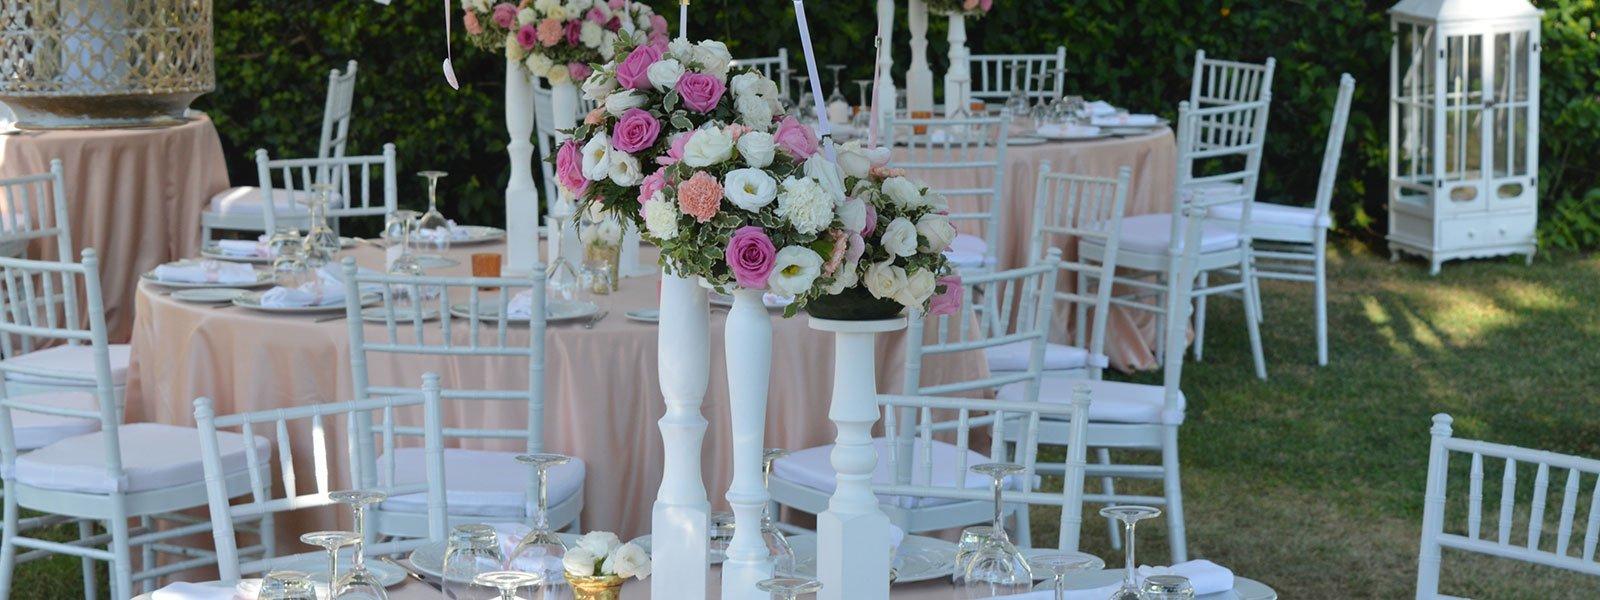 Composizione floreale a decorazione dei tavoli esterni